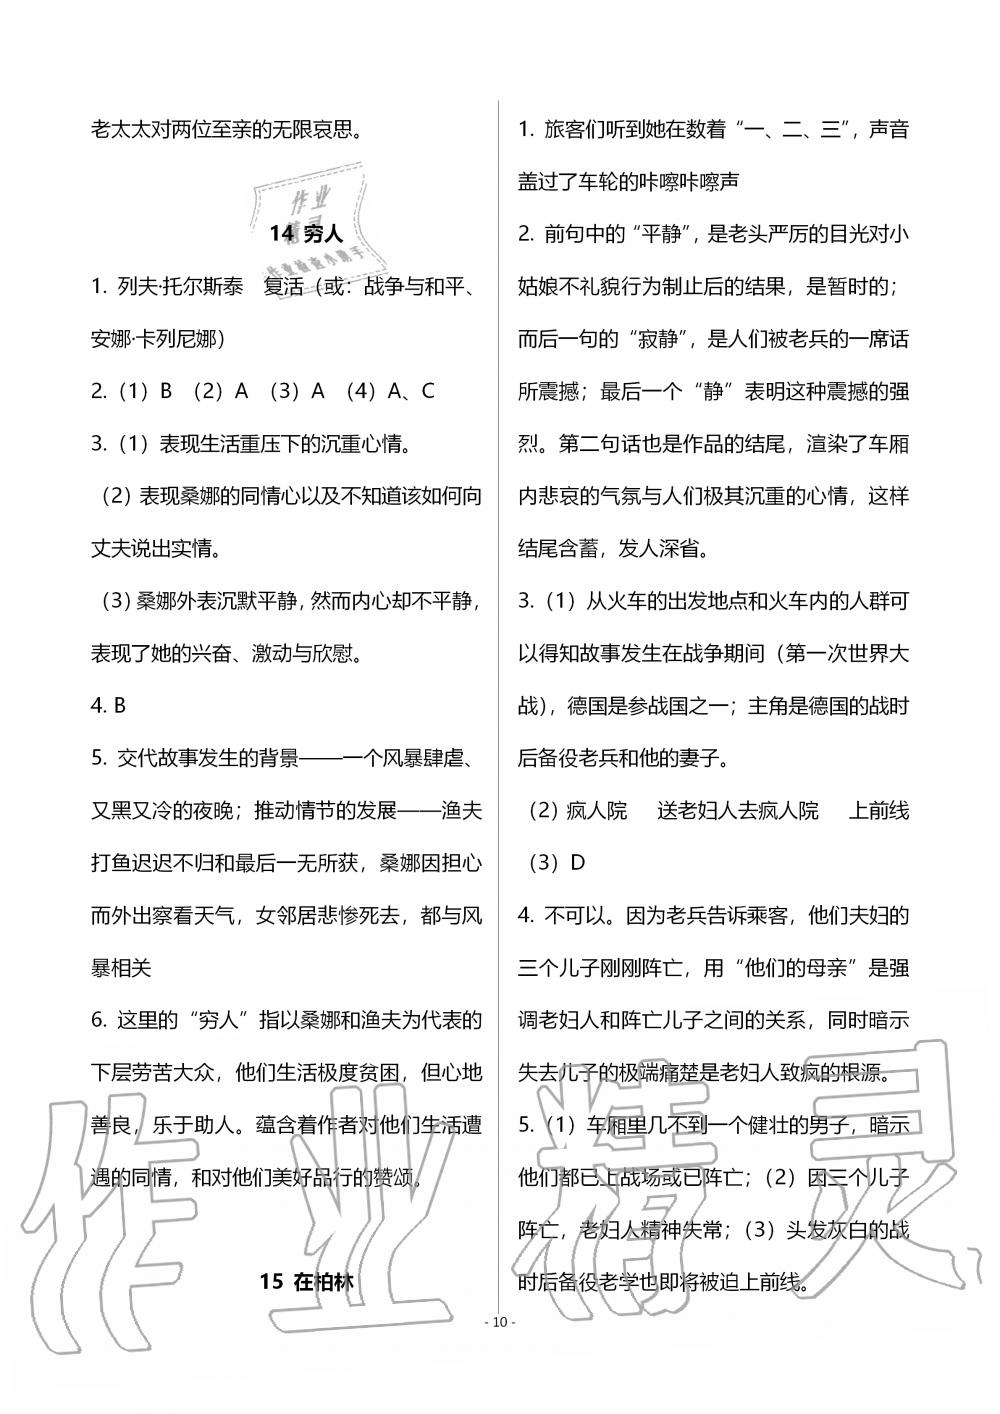 2019年语文练习部分六年级第一学期人教版五四制第10页